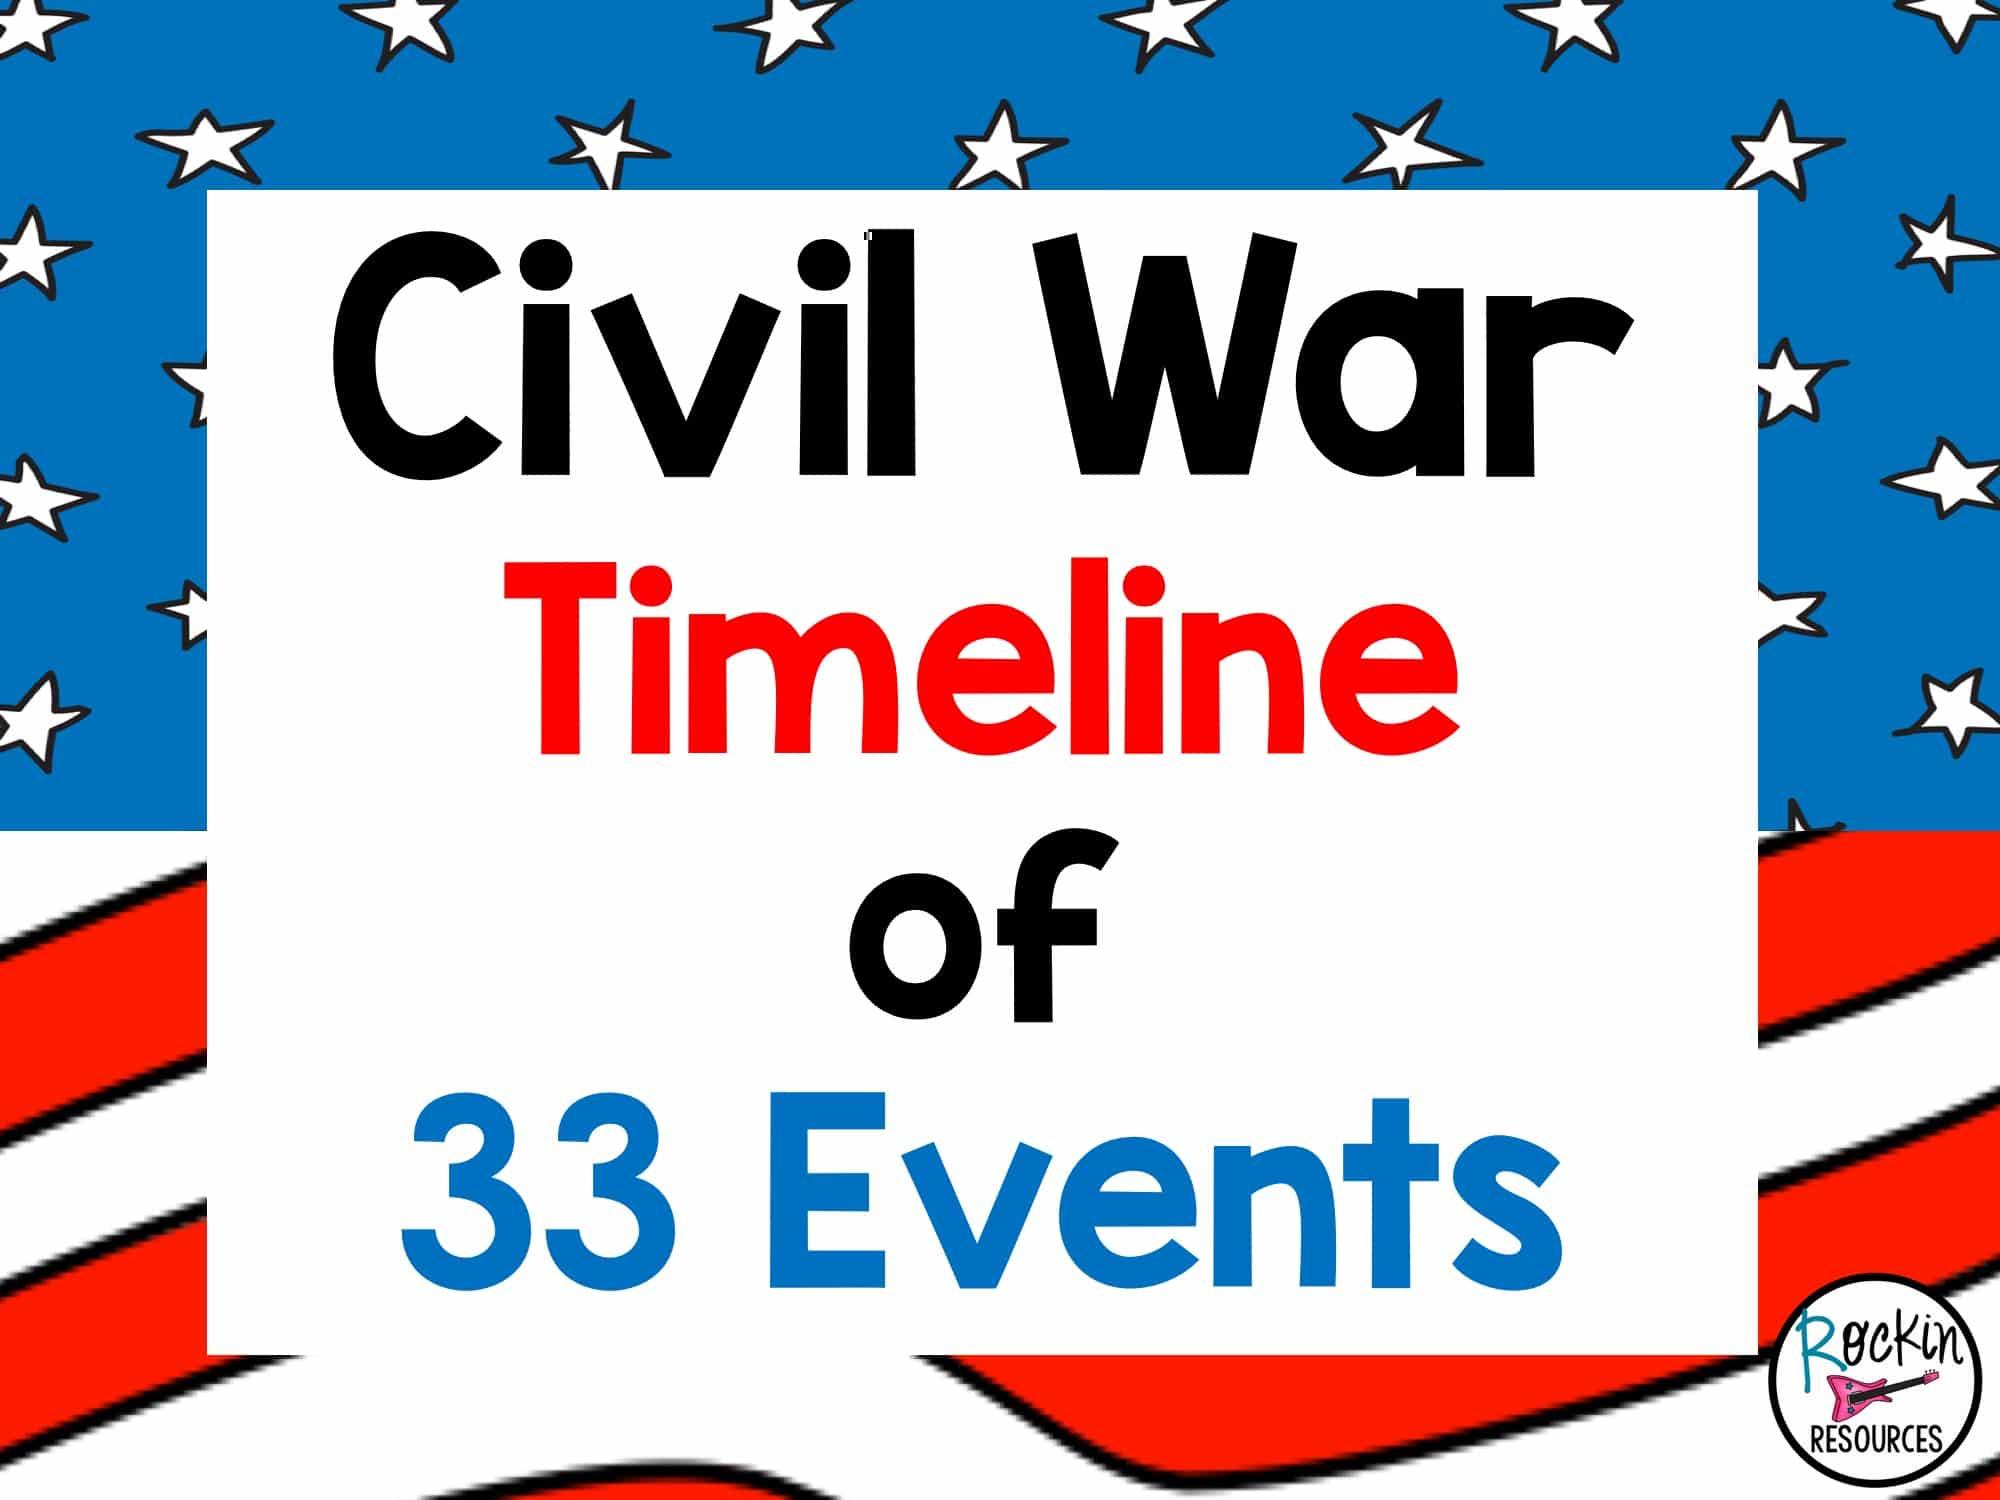 medium resolution of Civil War Timeline   Rockin Resources